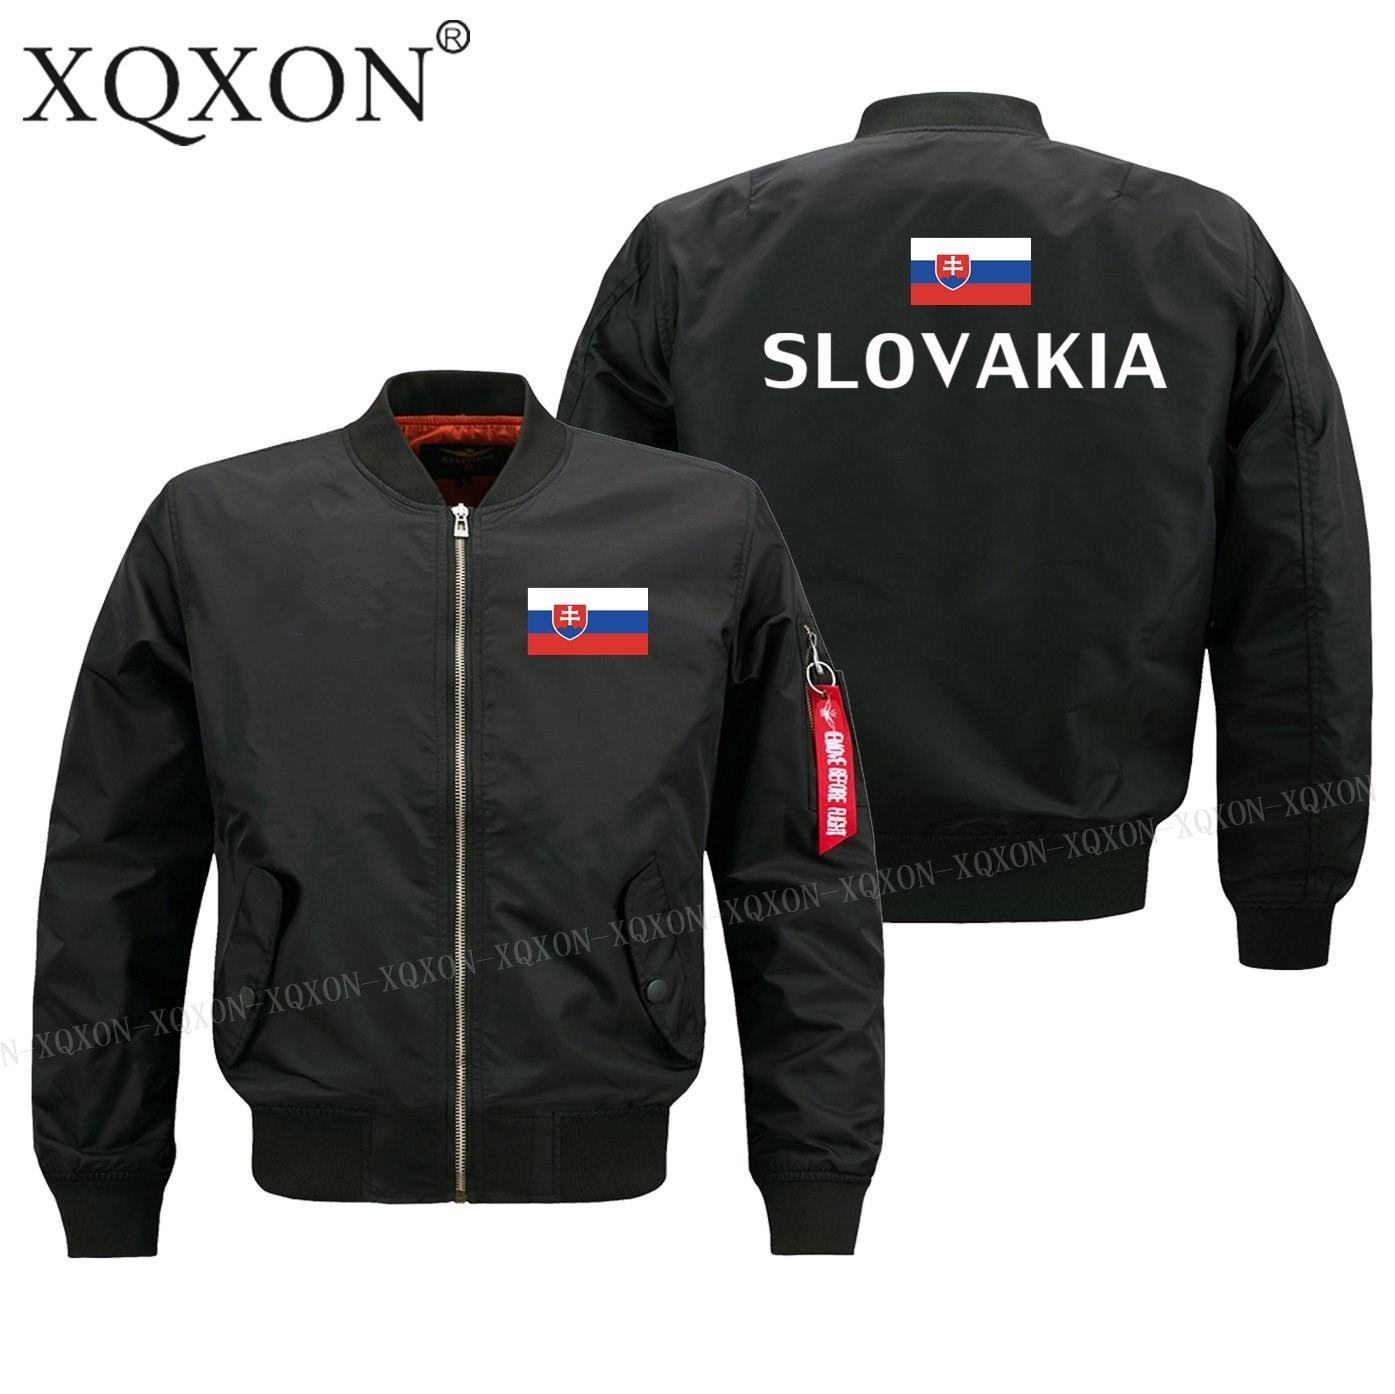 Новинка, осенне-зимняя куртка-бомбер с флагом Словакии, высококачественные мужские куртки, пальто, мужские куртки на молнии J190